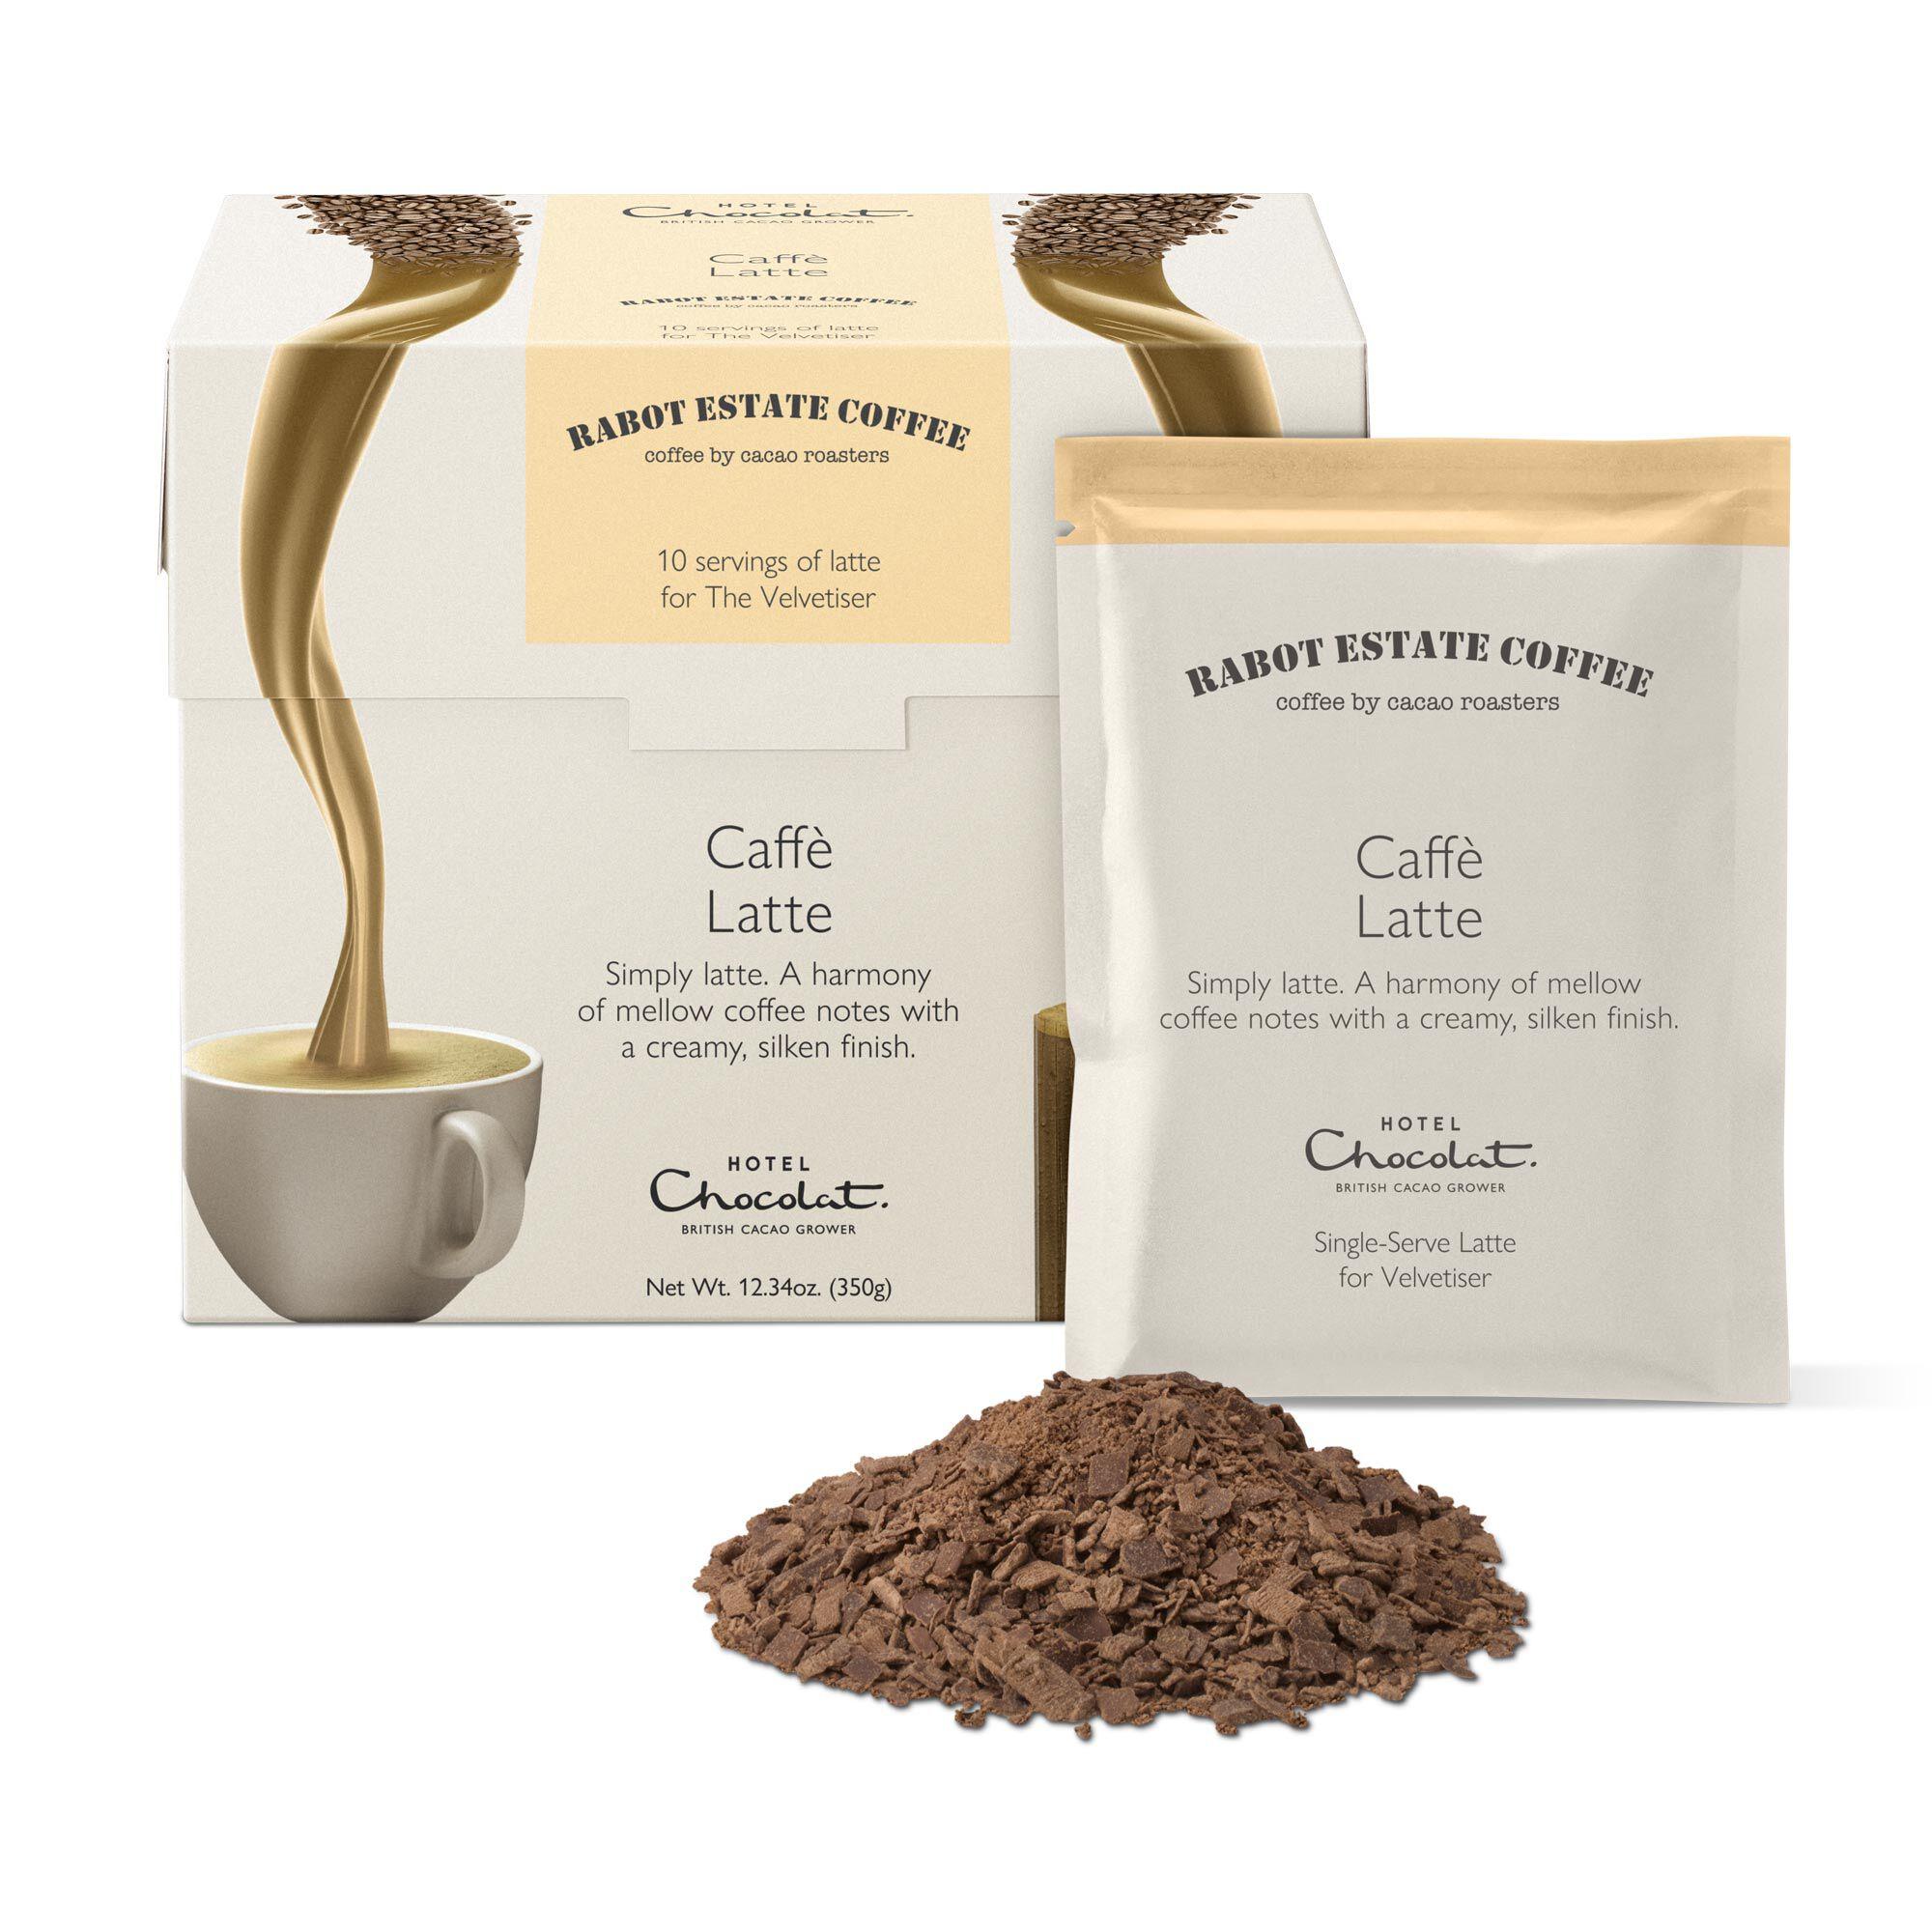 NEW Café Latte